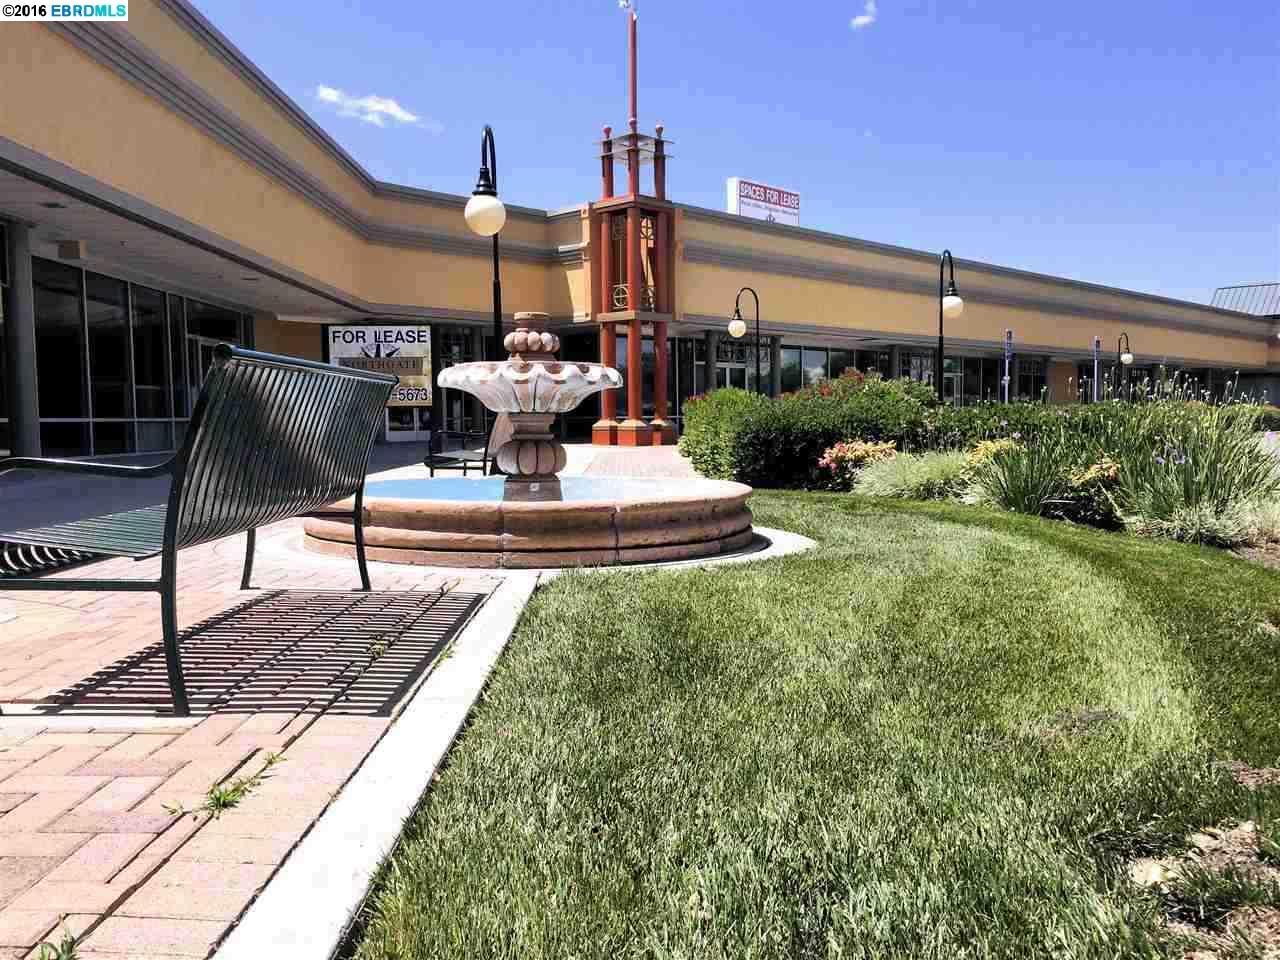 Casa Unifamiliar por un Alquiler en 1005 E Pescadero suite 187 Tracy, California 95304 Estados Unidos